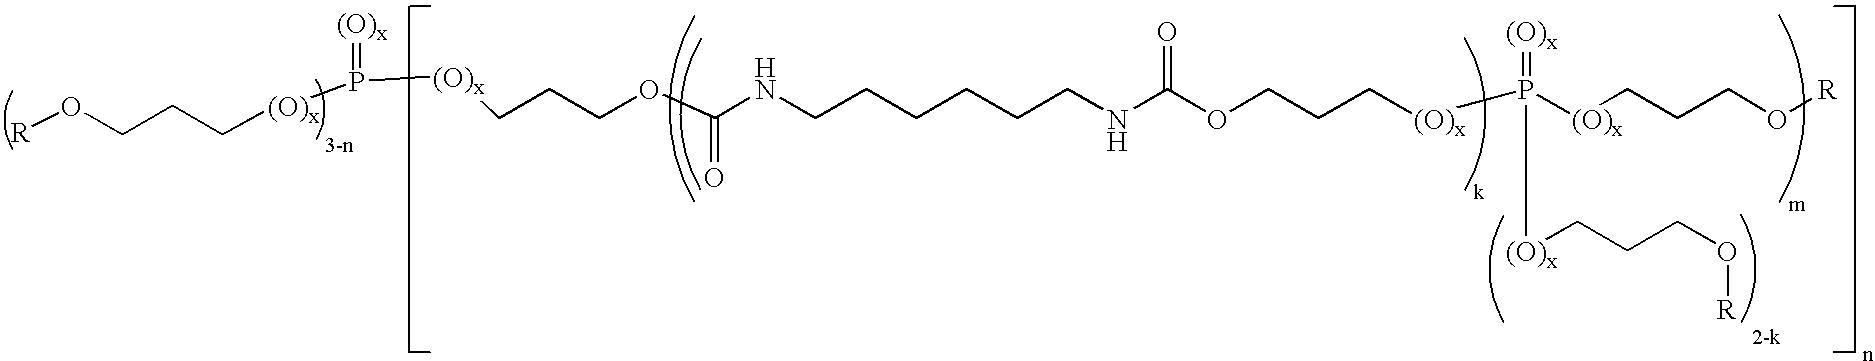 Figure US20040091710A1-20040513-C00035